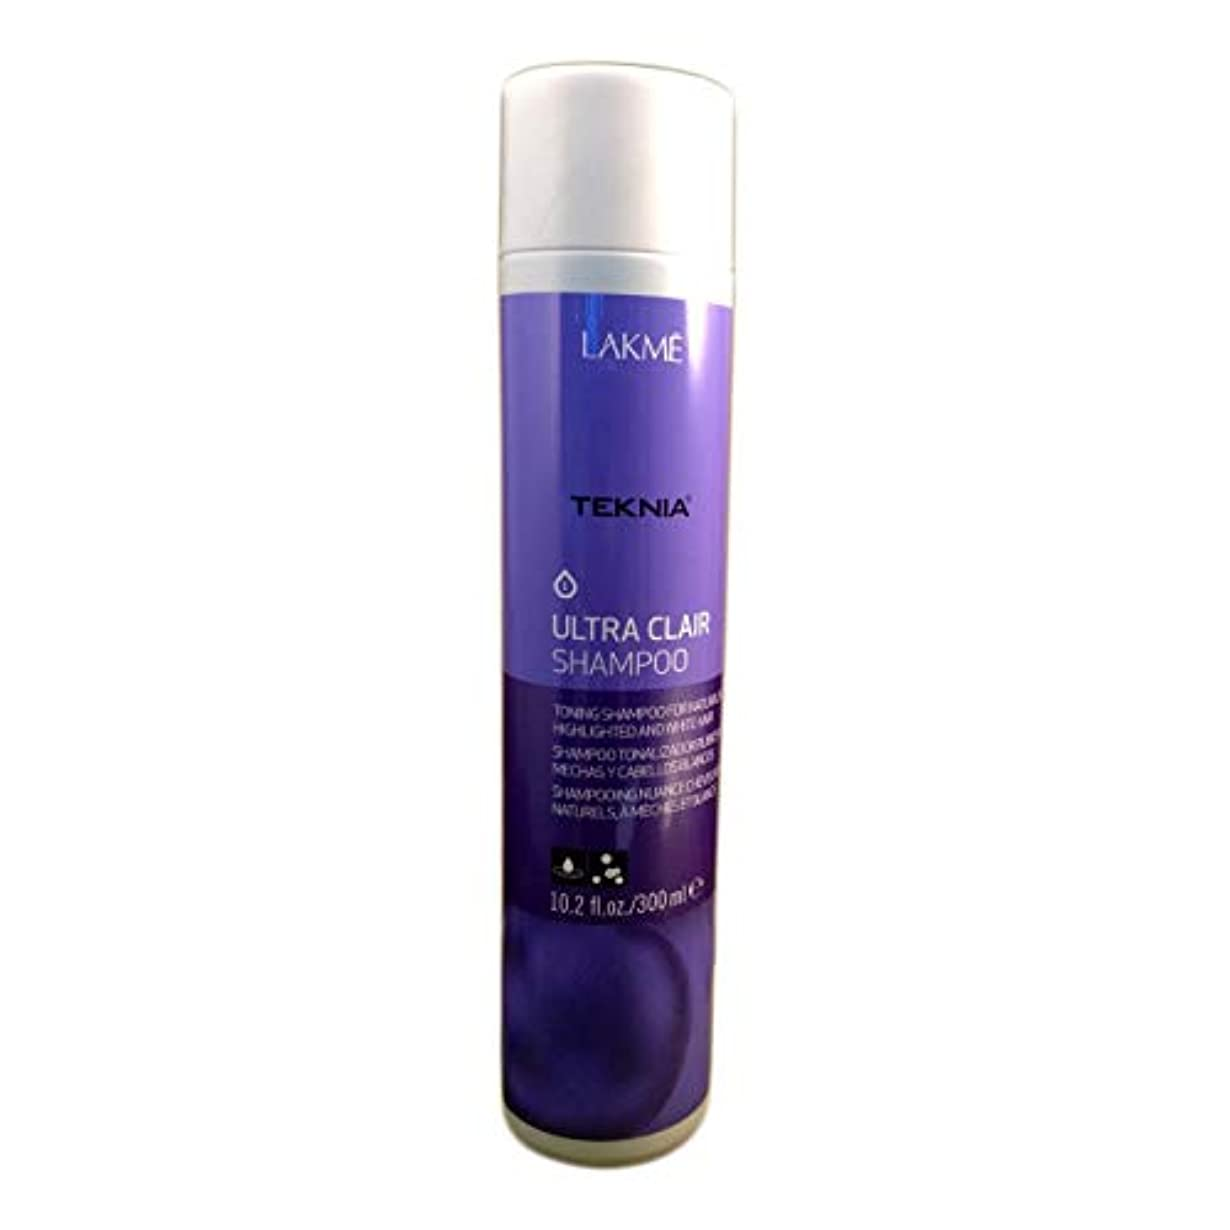 ネックレットでるジャケットLakme Teknia Ultra Clair Shampoo 10.2 Oz (300ml)